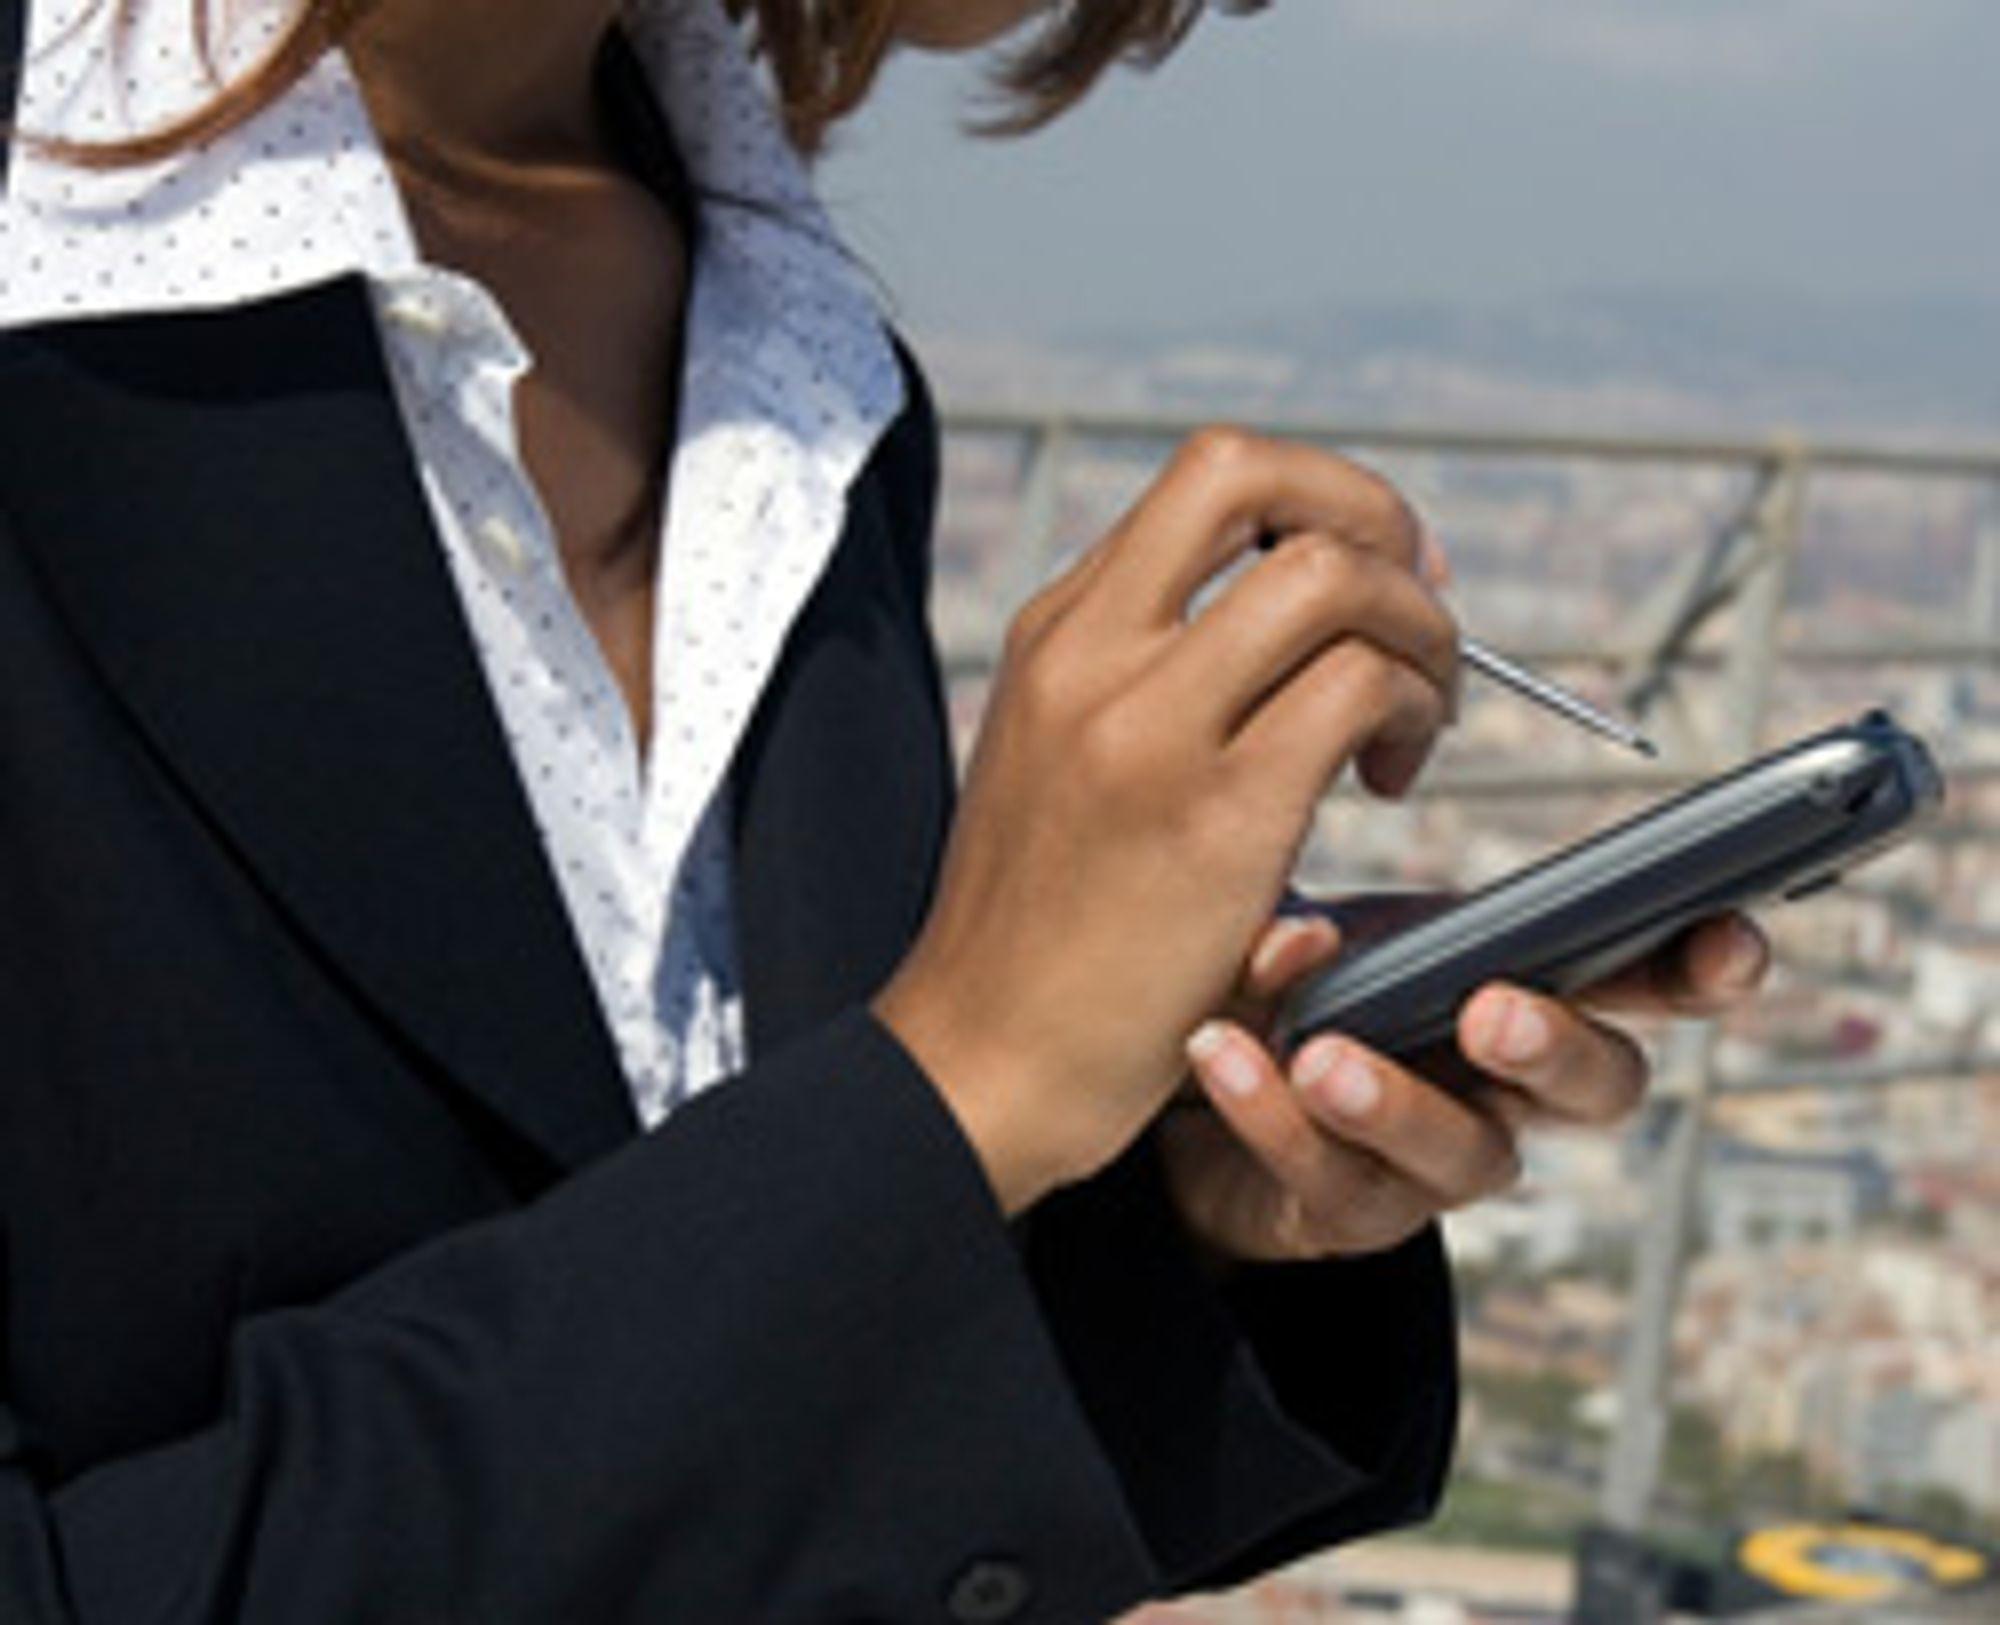 Kommer det flere trykkfølsomme fra Nokia? (Foto: Istockphoto / Oktay Ortakcioglu)